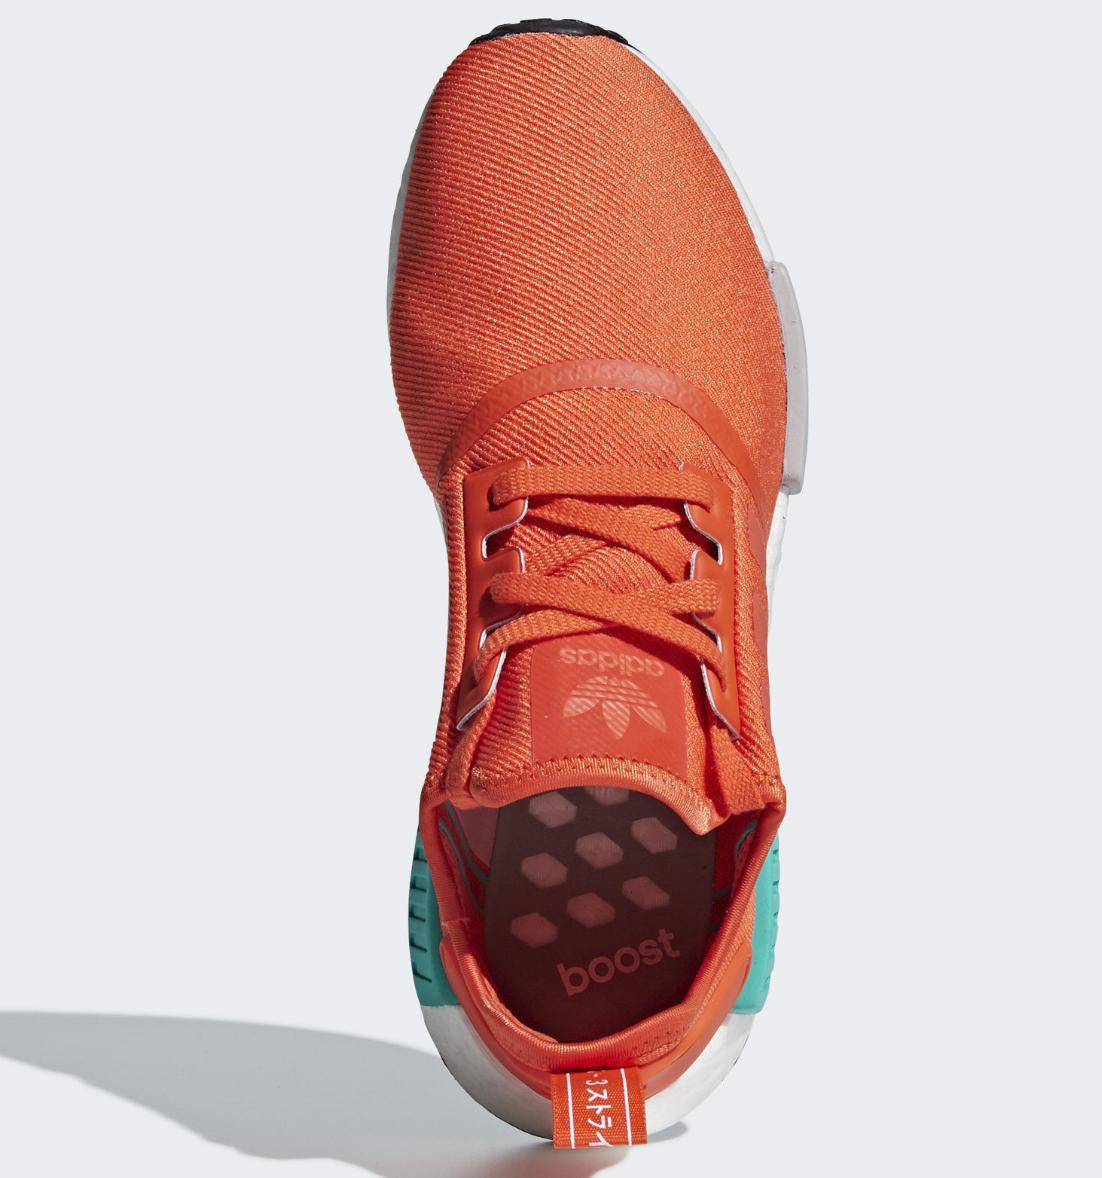 3双!US8码起尺码全,adidas阿迪达斯 NMD_R1 男士运动鞋 115美元约¥795(天猫1199元/件) 买手党-买手聚集的地方